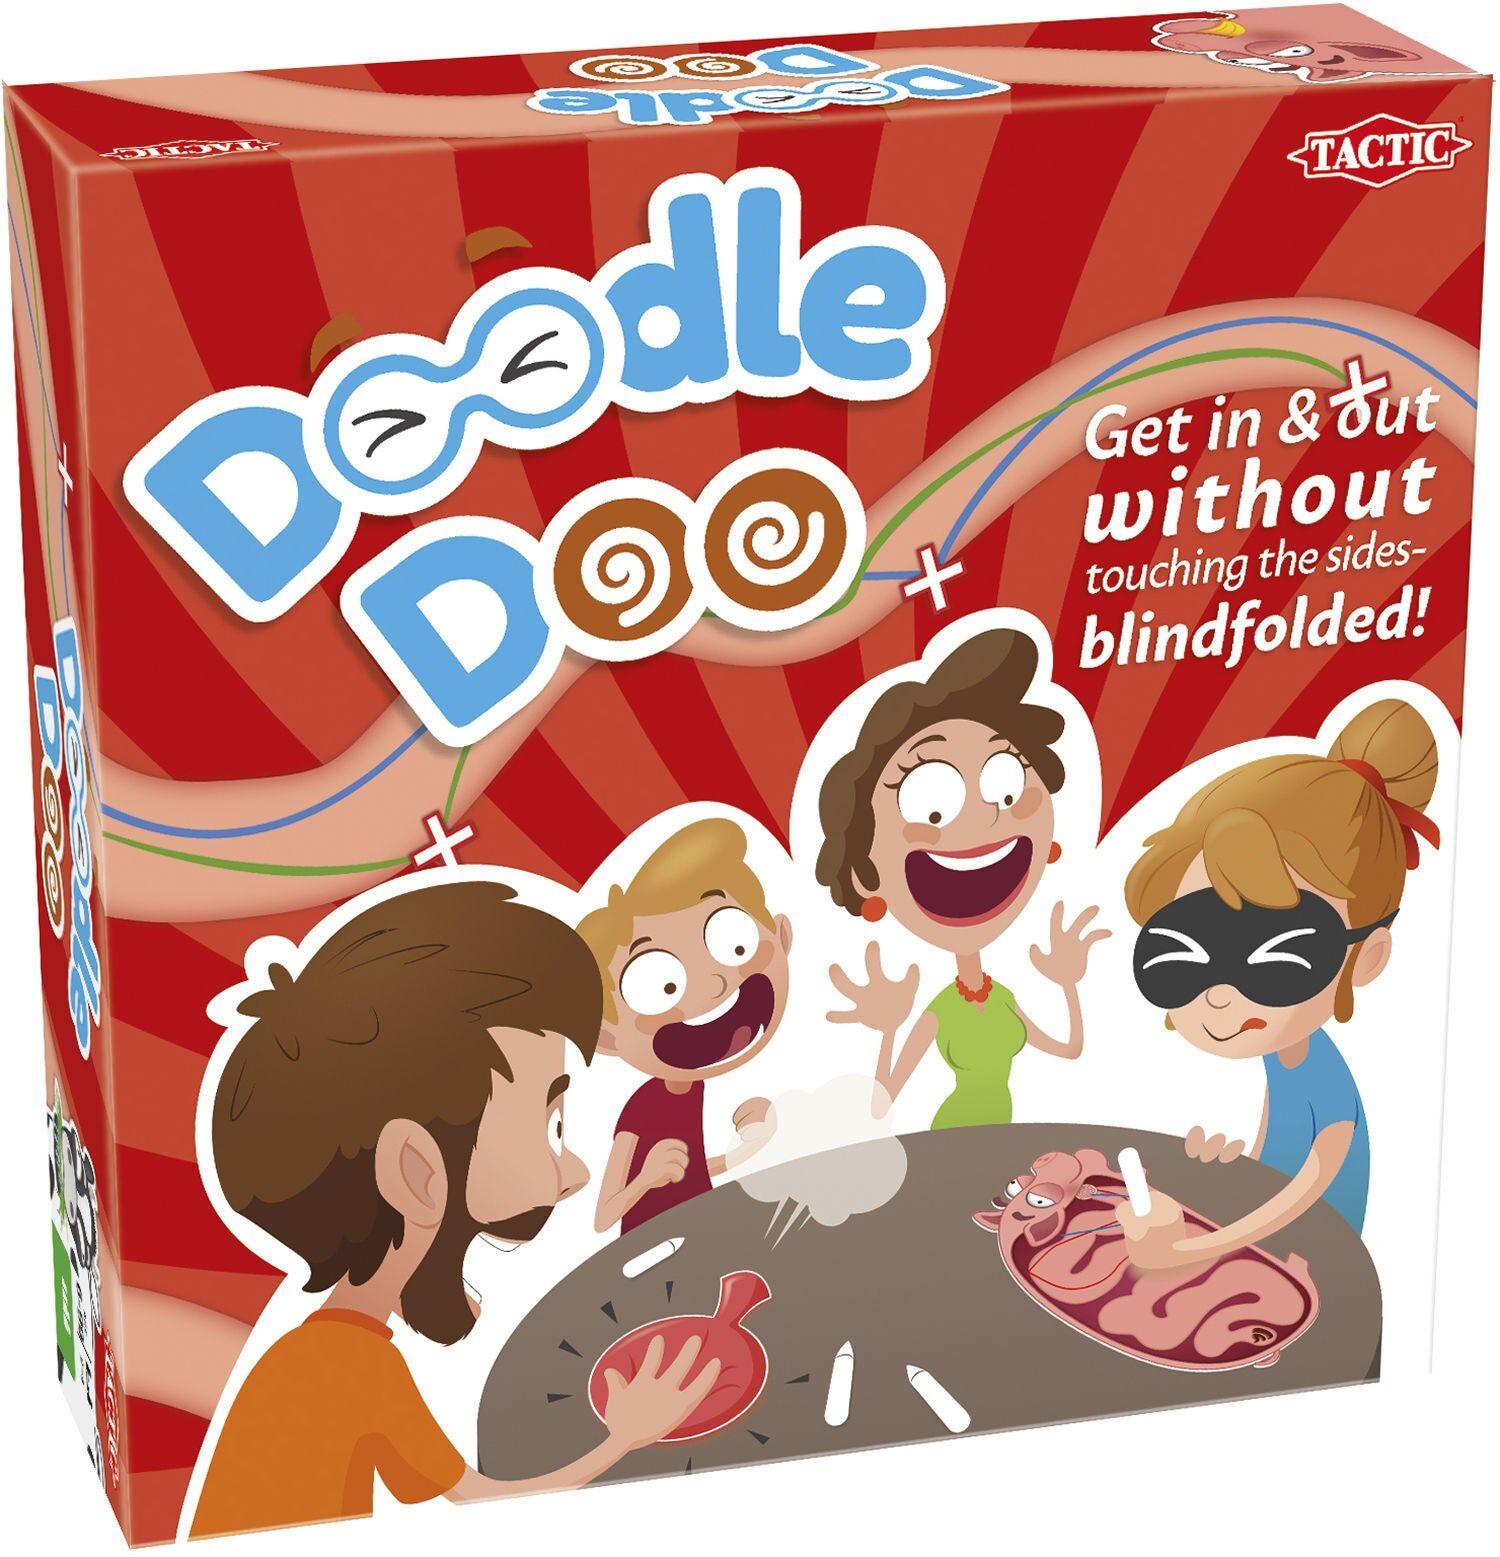 Tactic Spill Doodle Doo